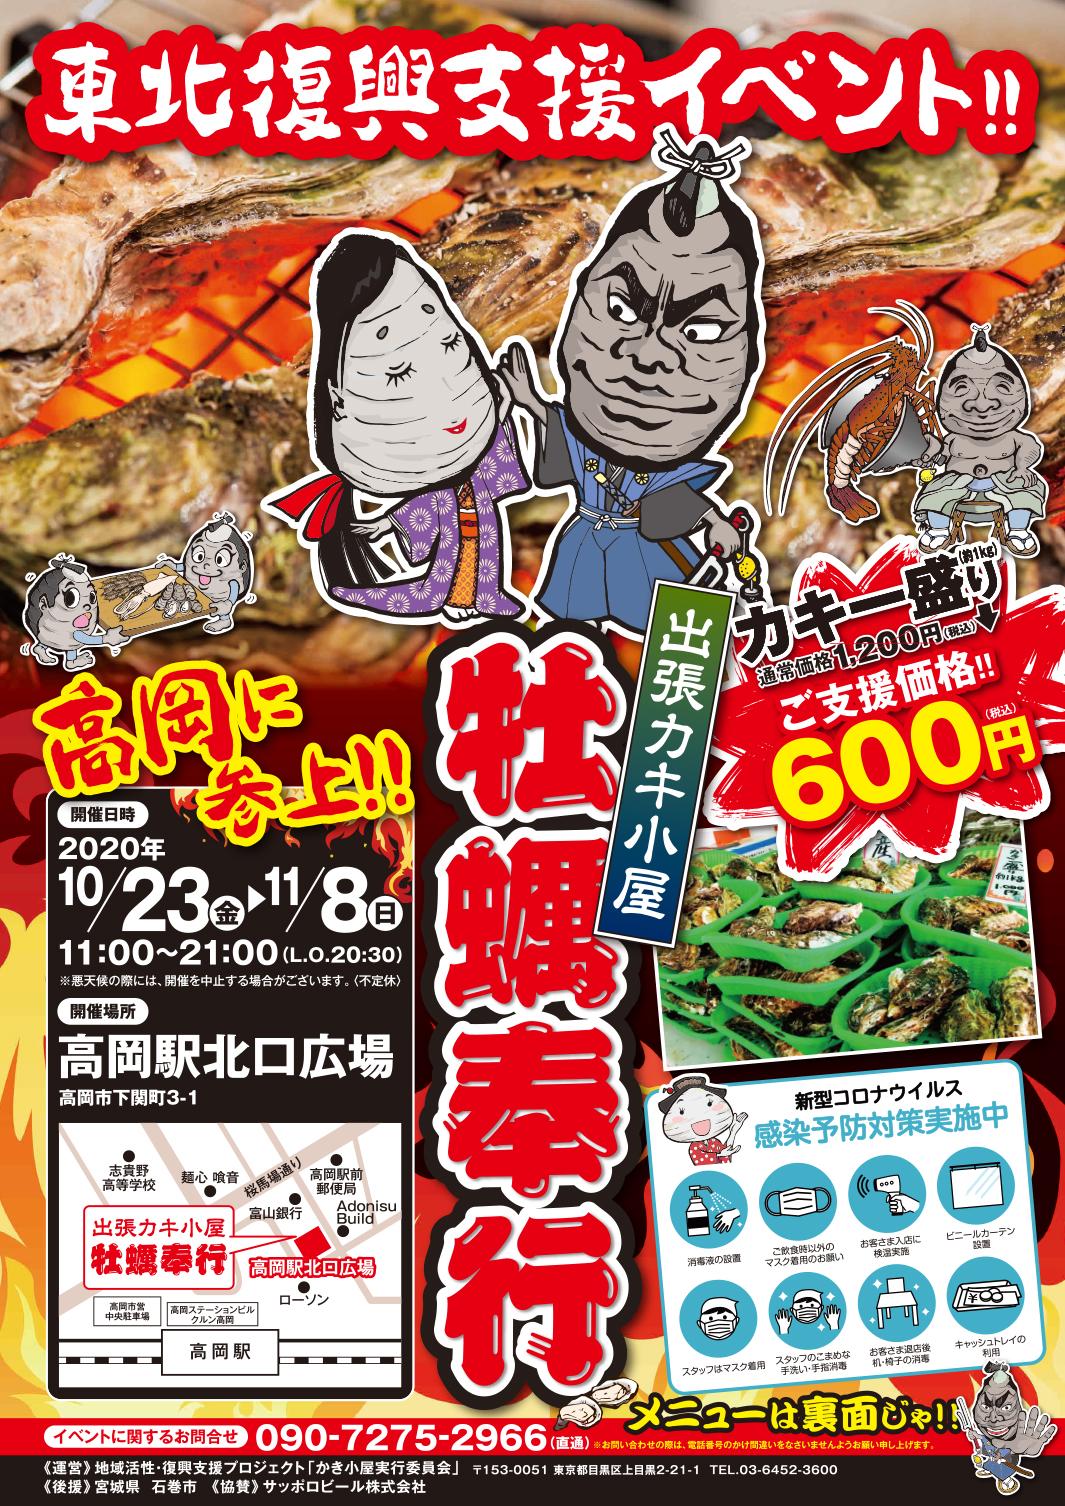 出張カキ小屋「牡蠣奉行」in 高岡駅北口広場 2020年10月23日~11月8日開催